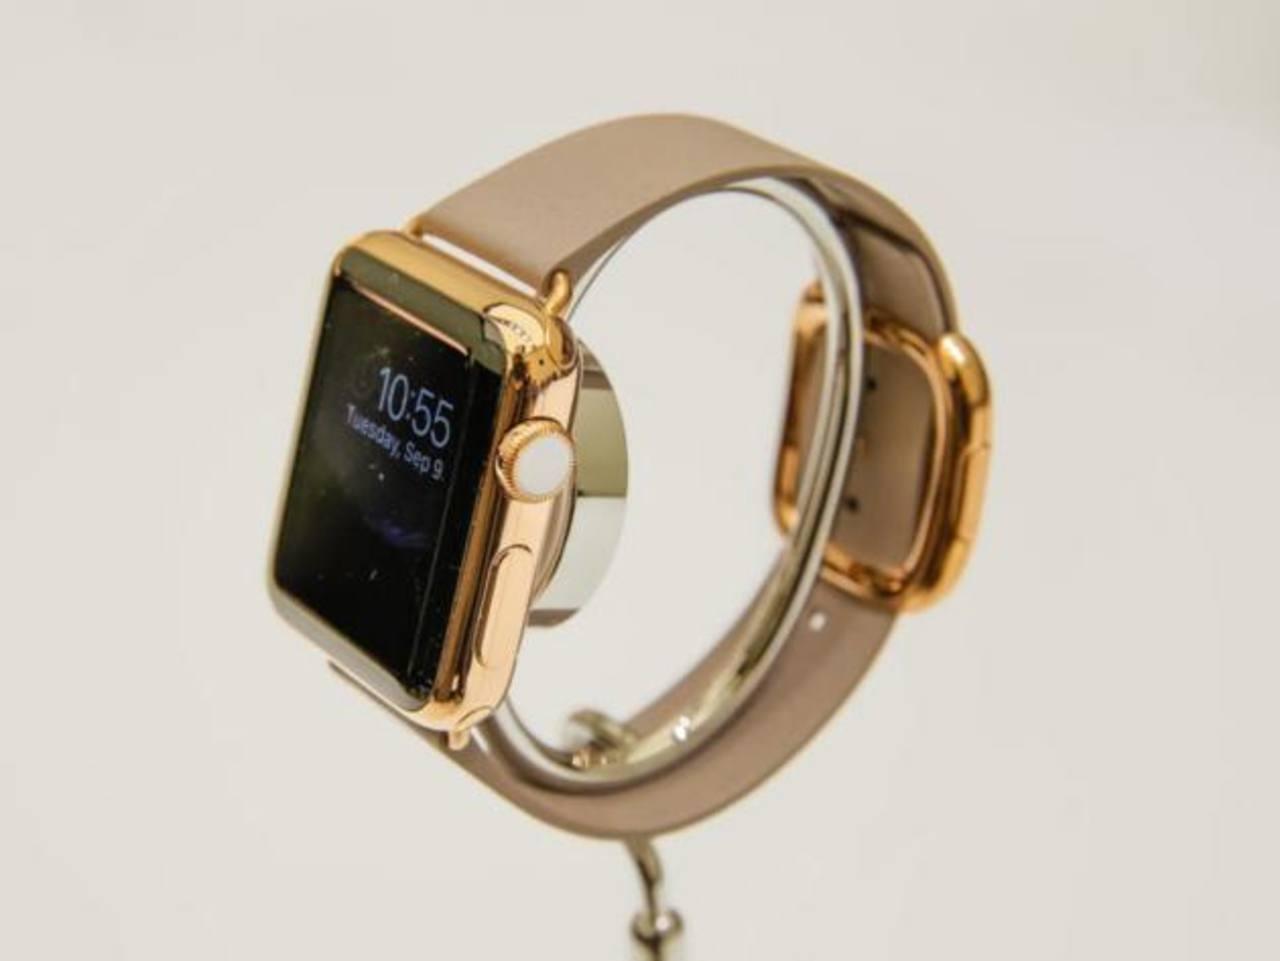 Los precios del Apple Watch oscilan de $349 para el de correa de plástico, hasta $17,000 para el de lujo.